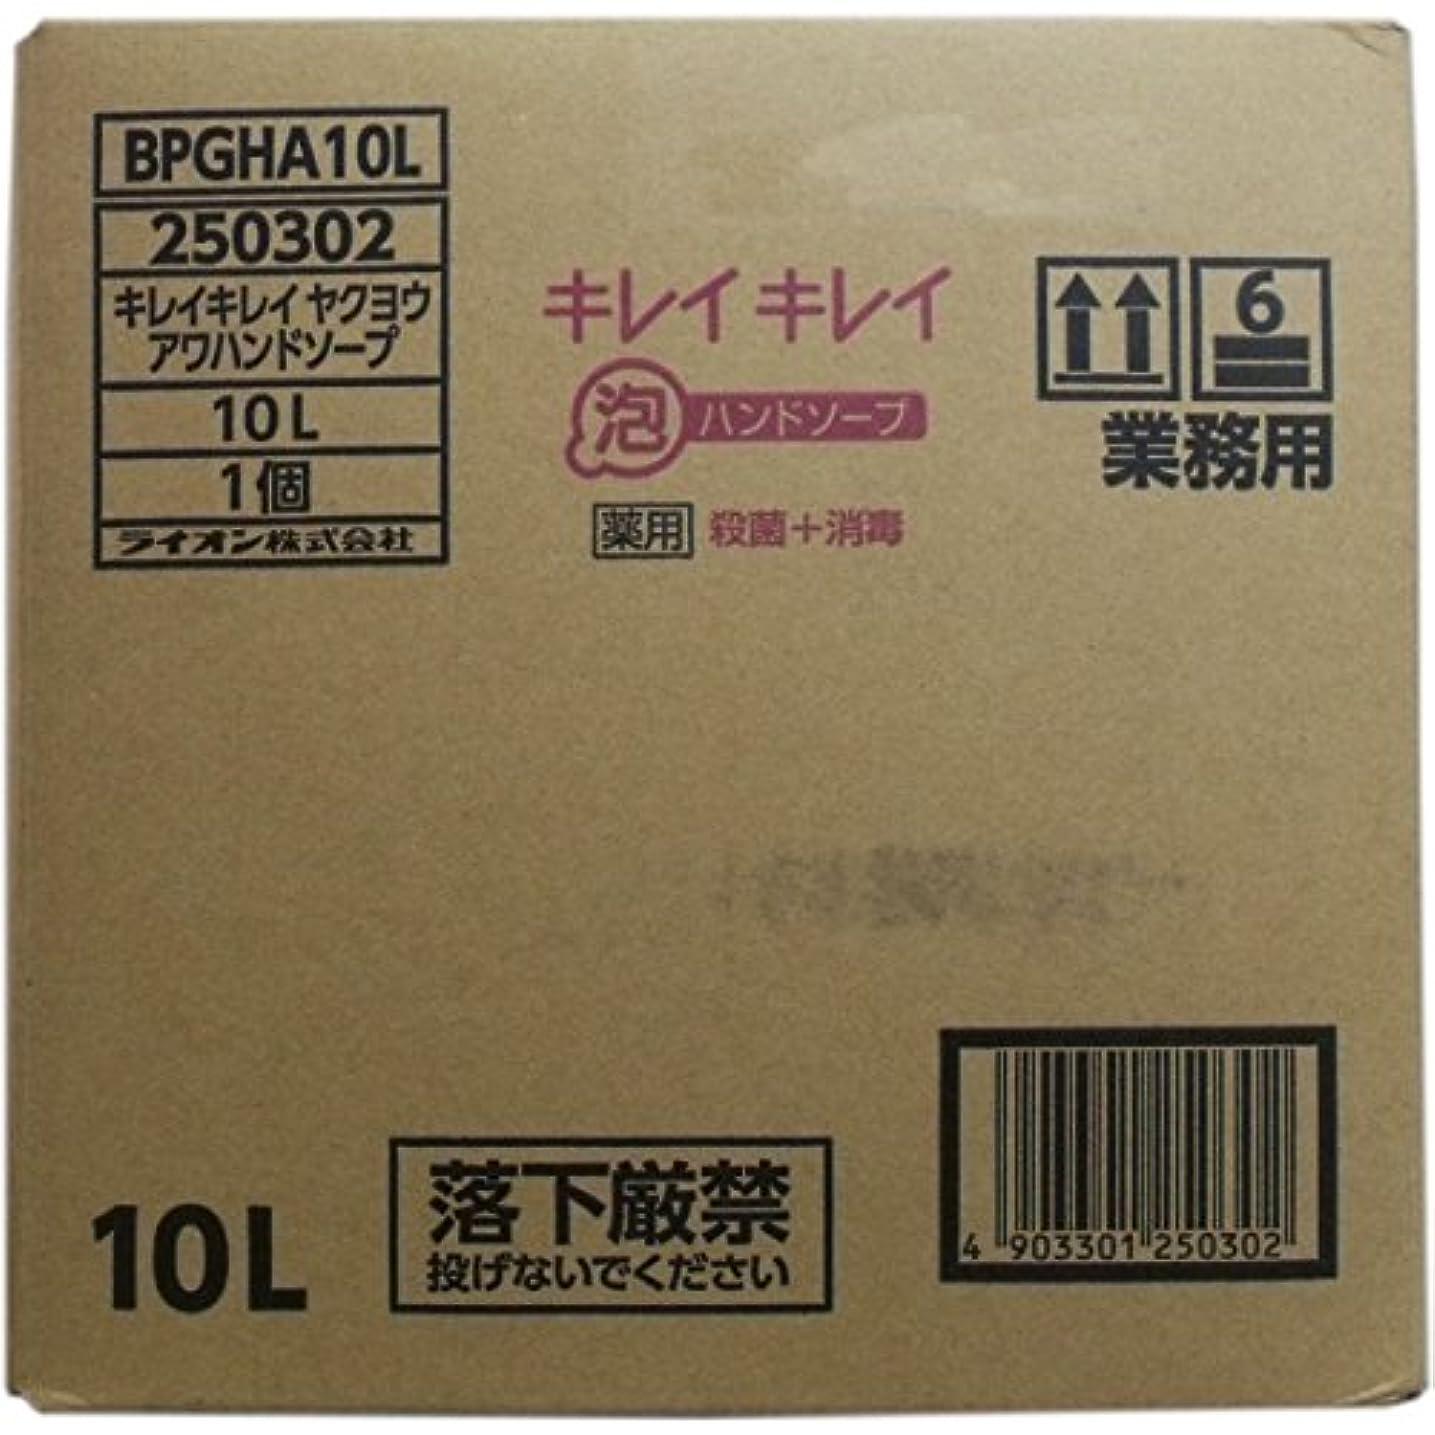 つぶやき行為誤解させる業務用キレイキレイ 薬用泡ハンドソープ 10L×10個セット